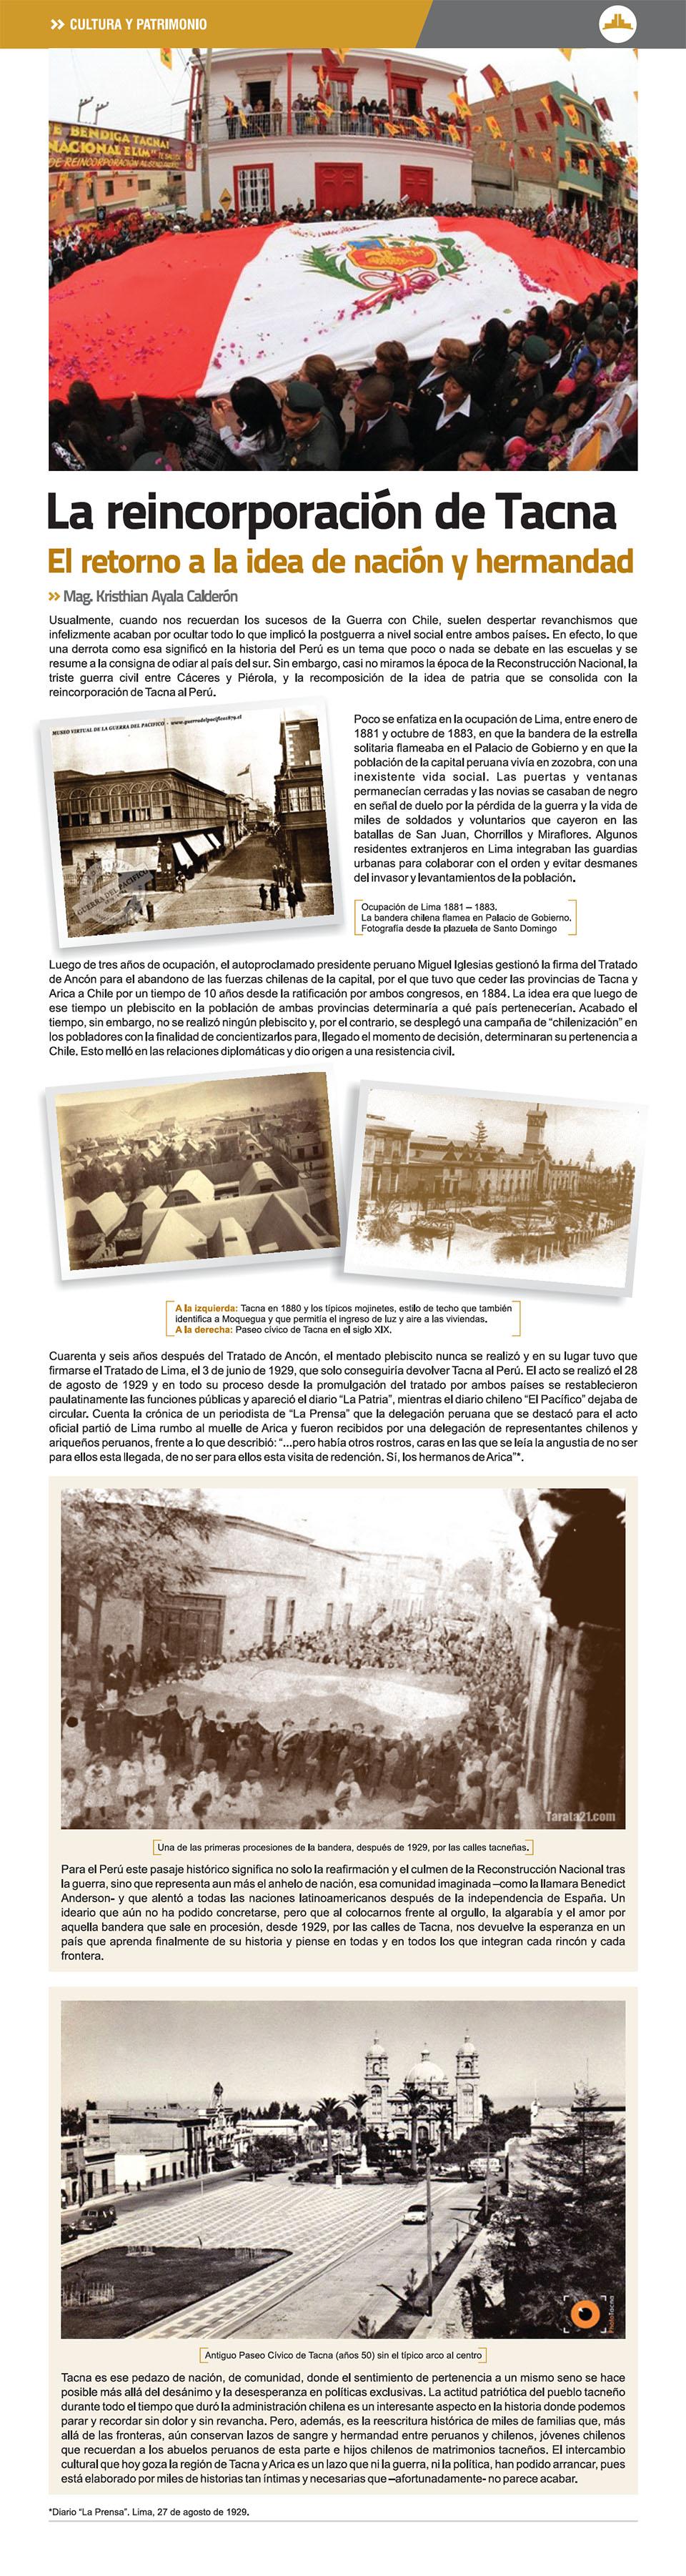 Reincorporacion-de-Tacna---facsimil